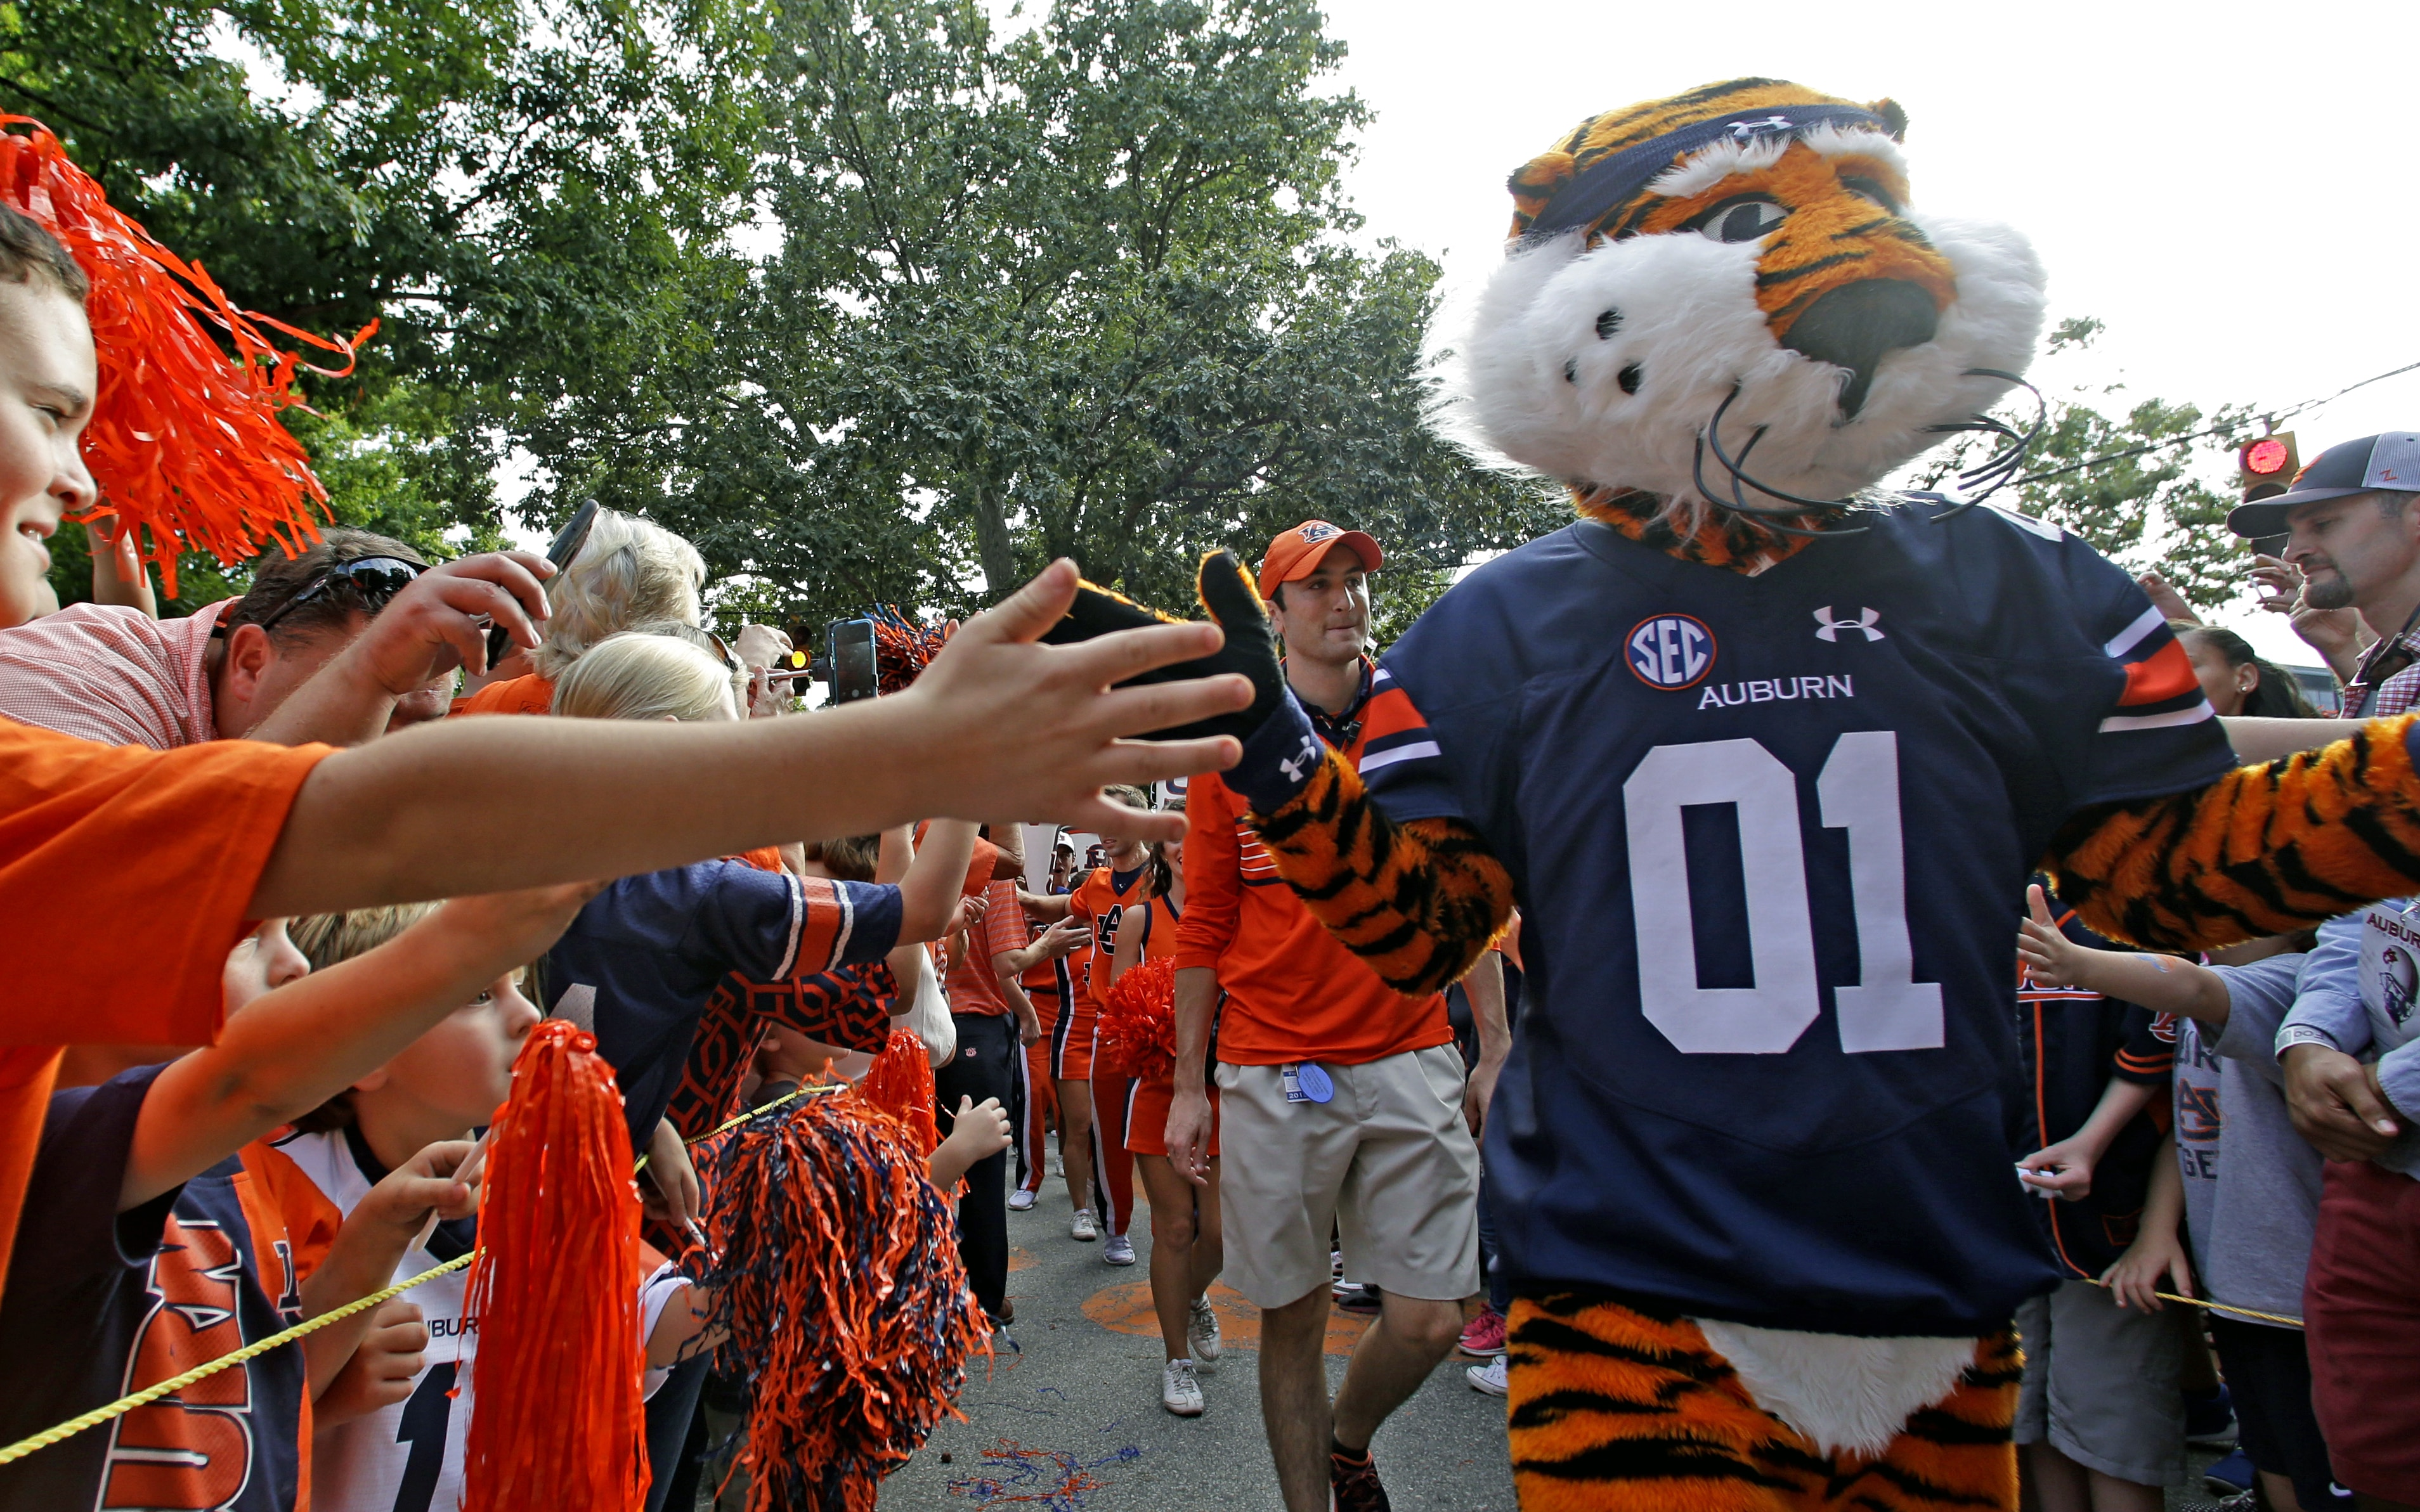 Une mascotte-tigre défilant parmi des supporters, les saluant au passage (© AP Images)